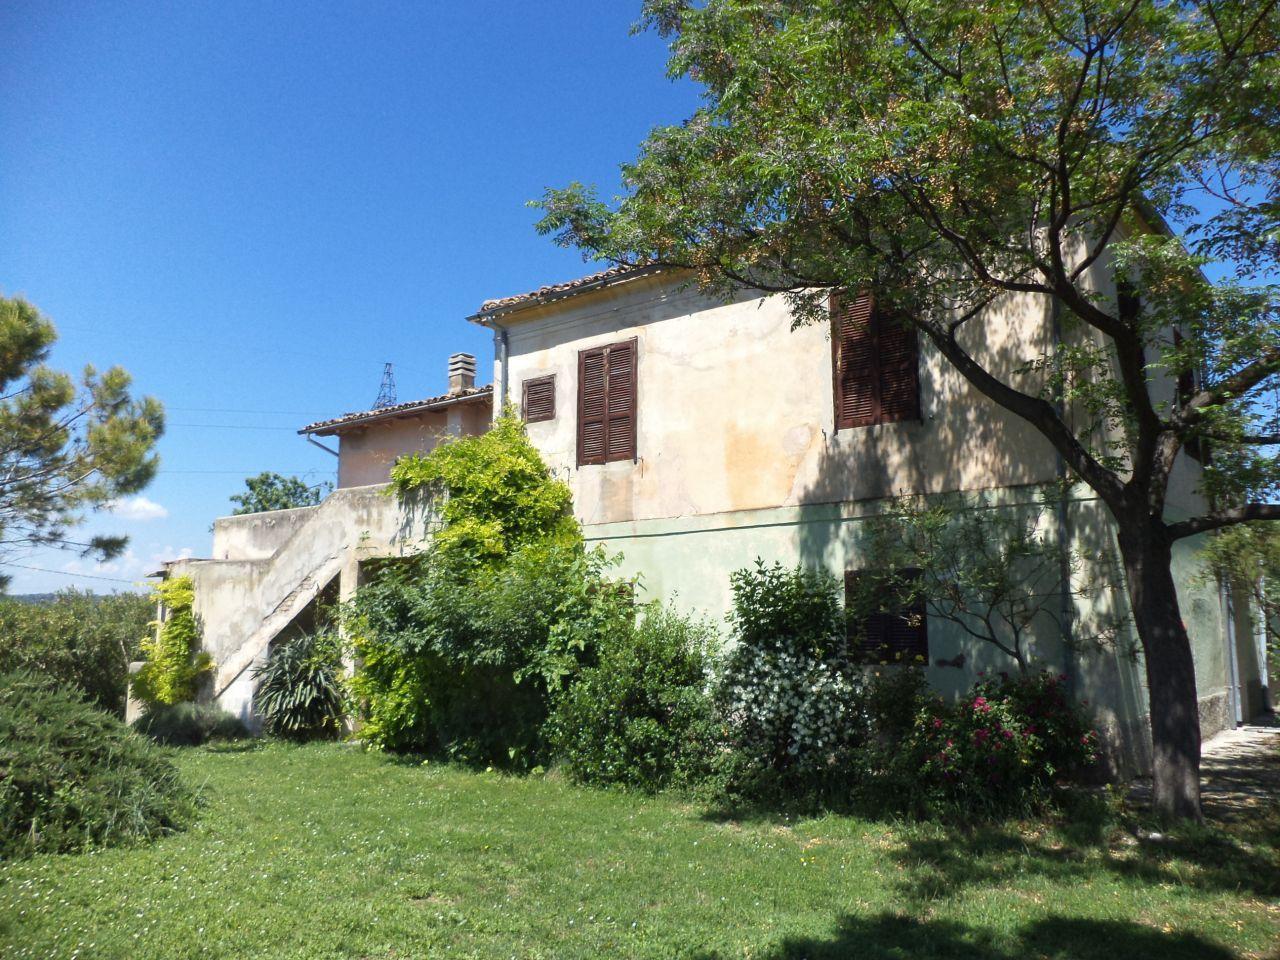 Villa in vendita a Manoppello, 10 locali, prezzo € 195.000 | PortaleAgenzieImmobiliari.it